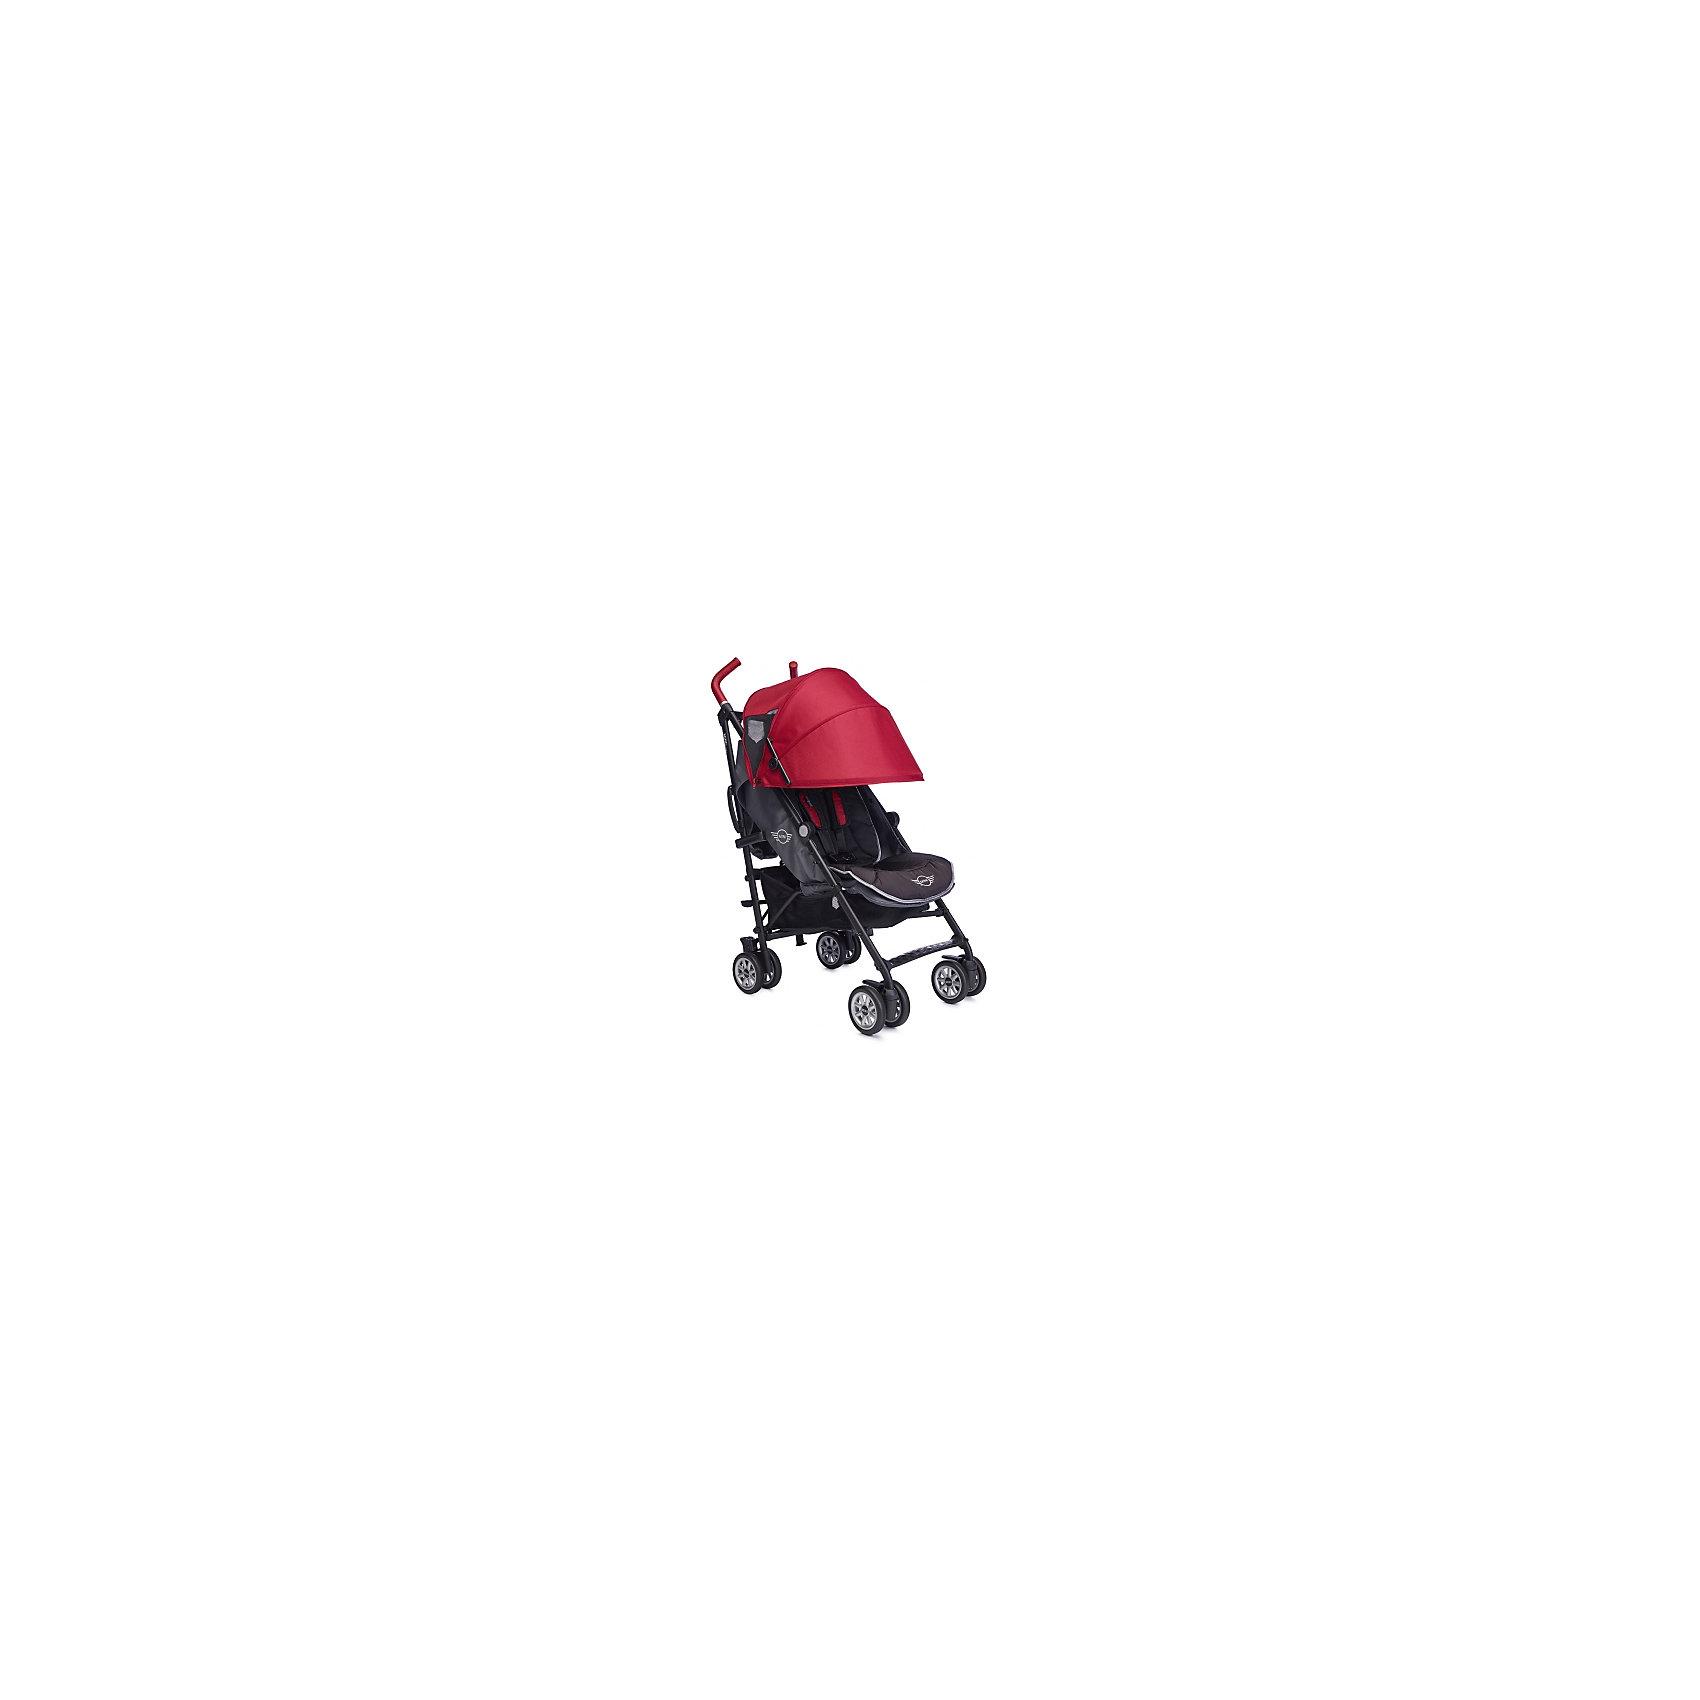 Коляска-трость Easywalker MINI XL Union RedКоляски-трости<br>Характеристики:<br><br>• спинка коляски регулируется в 4-х положениях;<br>• угол наклона спинки 170 градусов;<br>• подножка регулируется и удлиняет спальное место;<br>• 5-ти точечные ремни безопасности, регулируются по длине и высоте;<br>• защитный бампер с мягкой накладкой;<br>• капюшон глубокий, оснащен дополнительной секцией;<br>• кожаная отделка ручек коляски;<br>• ручки коляски регулируются по высоте;<br>• корзина для покупок выдерживает нагрузку до 5 кг;<br>• сдвоенные колеса коляски;<br>• амортизация передних и задних колес;<br>• ножной тормоз;<br>• механизм складывания: трость;<br>• плечевой ремешок для переноски коляски в сложенном виде на плече.<br><br>Размеры:<br><br>• размер коляски: 83/86,5х49х109,5/112,5 см;<br>• размер коляски в сложенном виде: 100х48х24 см;<br>• ширина сиденья: 35 см;<br>• глубина сиденья: 20 см;<br>• высота спинки: 50 см;<br>• длина подножки: 15 см;<br>• диаметр колес: 12,7 см;<br>• вес коляски: 8,1 кг.<br><br>Легкая коляска-трость с регулируемой спинкой и подножкой сочетает в себе качества хорошей прогулки и коляски для путешествий. Глубокий капюшон с раскрывающейся секцией опускается достаточно низко, защищает ребенка даже с учетом разложенной спинки. Регулируемые по высоте ручки коляски позволяют настроить высоту под рост водителя. Плечевой ремешок позволяет нести коляску на плече, освобождая при этом руки мамы для того, чтобы взять малыша и сумки. В комплекте прозрачный дождевик. <br><br>Коляску-трость MINI XL Union Red, Easywalker можно купить в нашем интернет-магазине.<br><br>Ширина мм: 1020<br>Глубина мм: 230<br>Высота мм: 280<br>Вес г: 9740<br>Возраст от месяцев: 0<br>Возраст до месяцев: 48<br>Пол: Унисекс<br>Возраст: Детский<br>SKU: 5613104